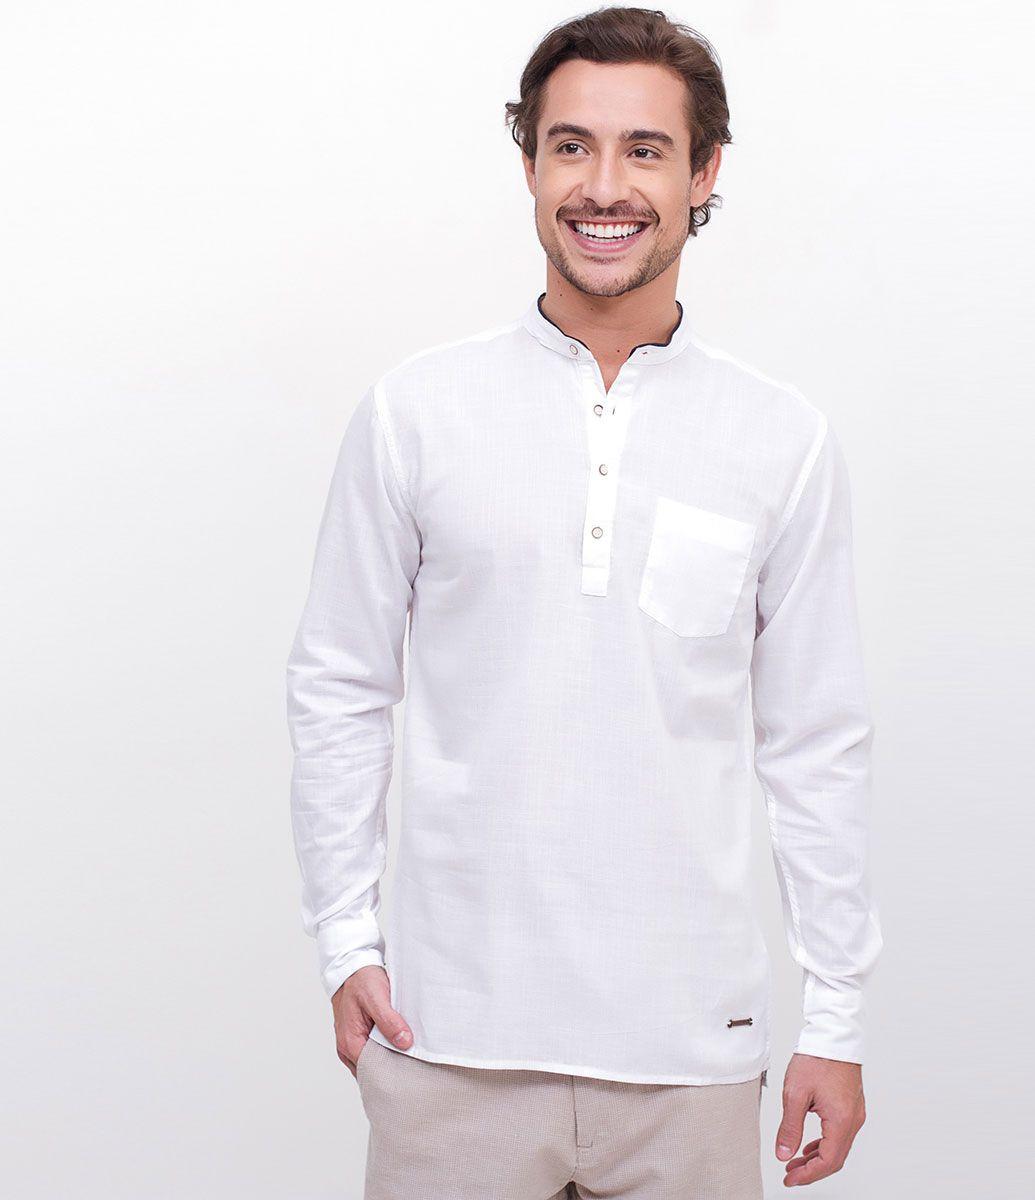 Camisa masculina Gola portuguesa Manga longa Com bolso Marca  Marfinno  Tecido  voal Composição  fb8bc6340c8ce